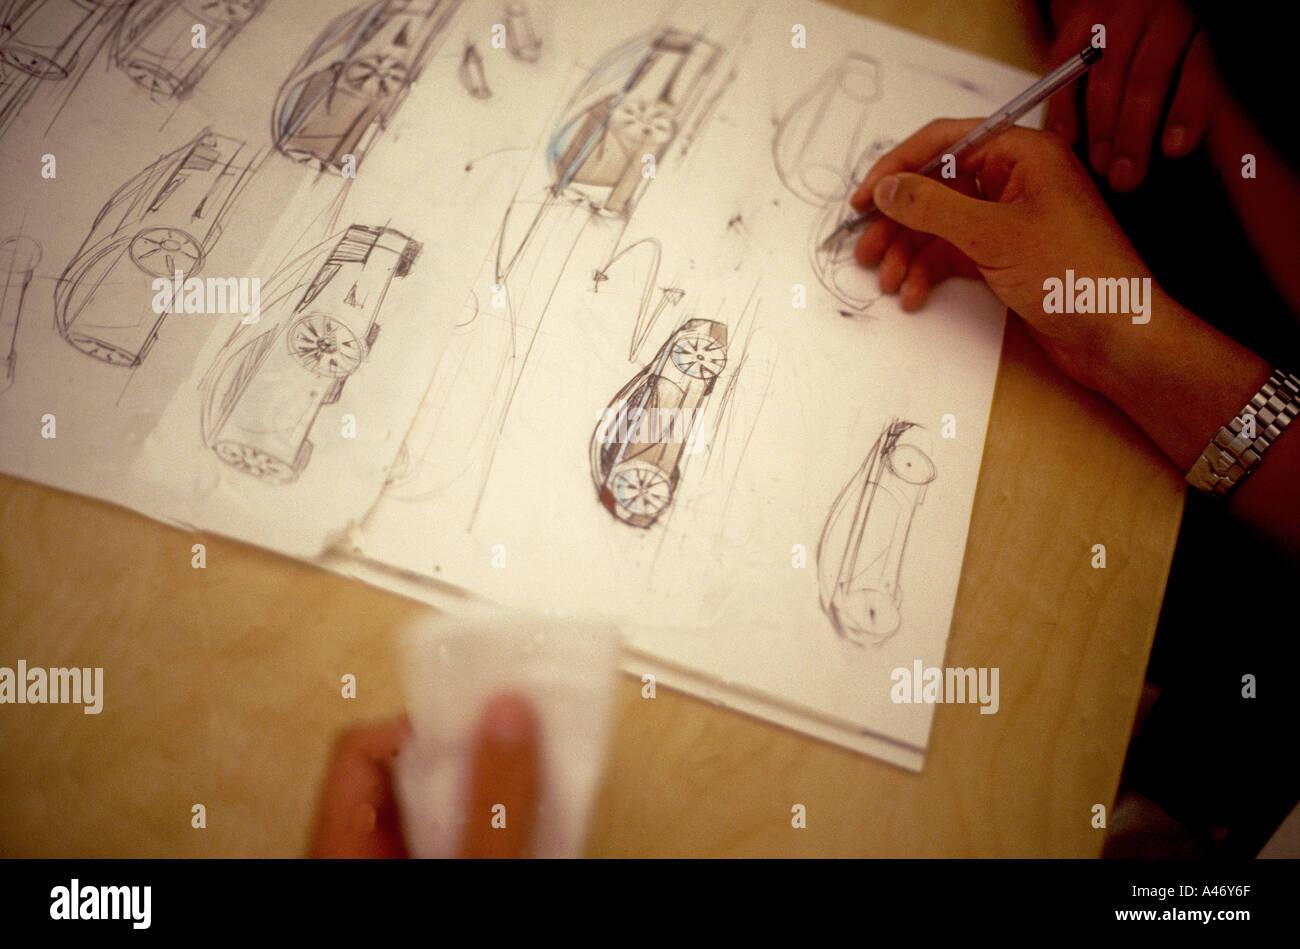 Car Design Sketch Stock Photos Car Design Sketch Stock Images Alamy